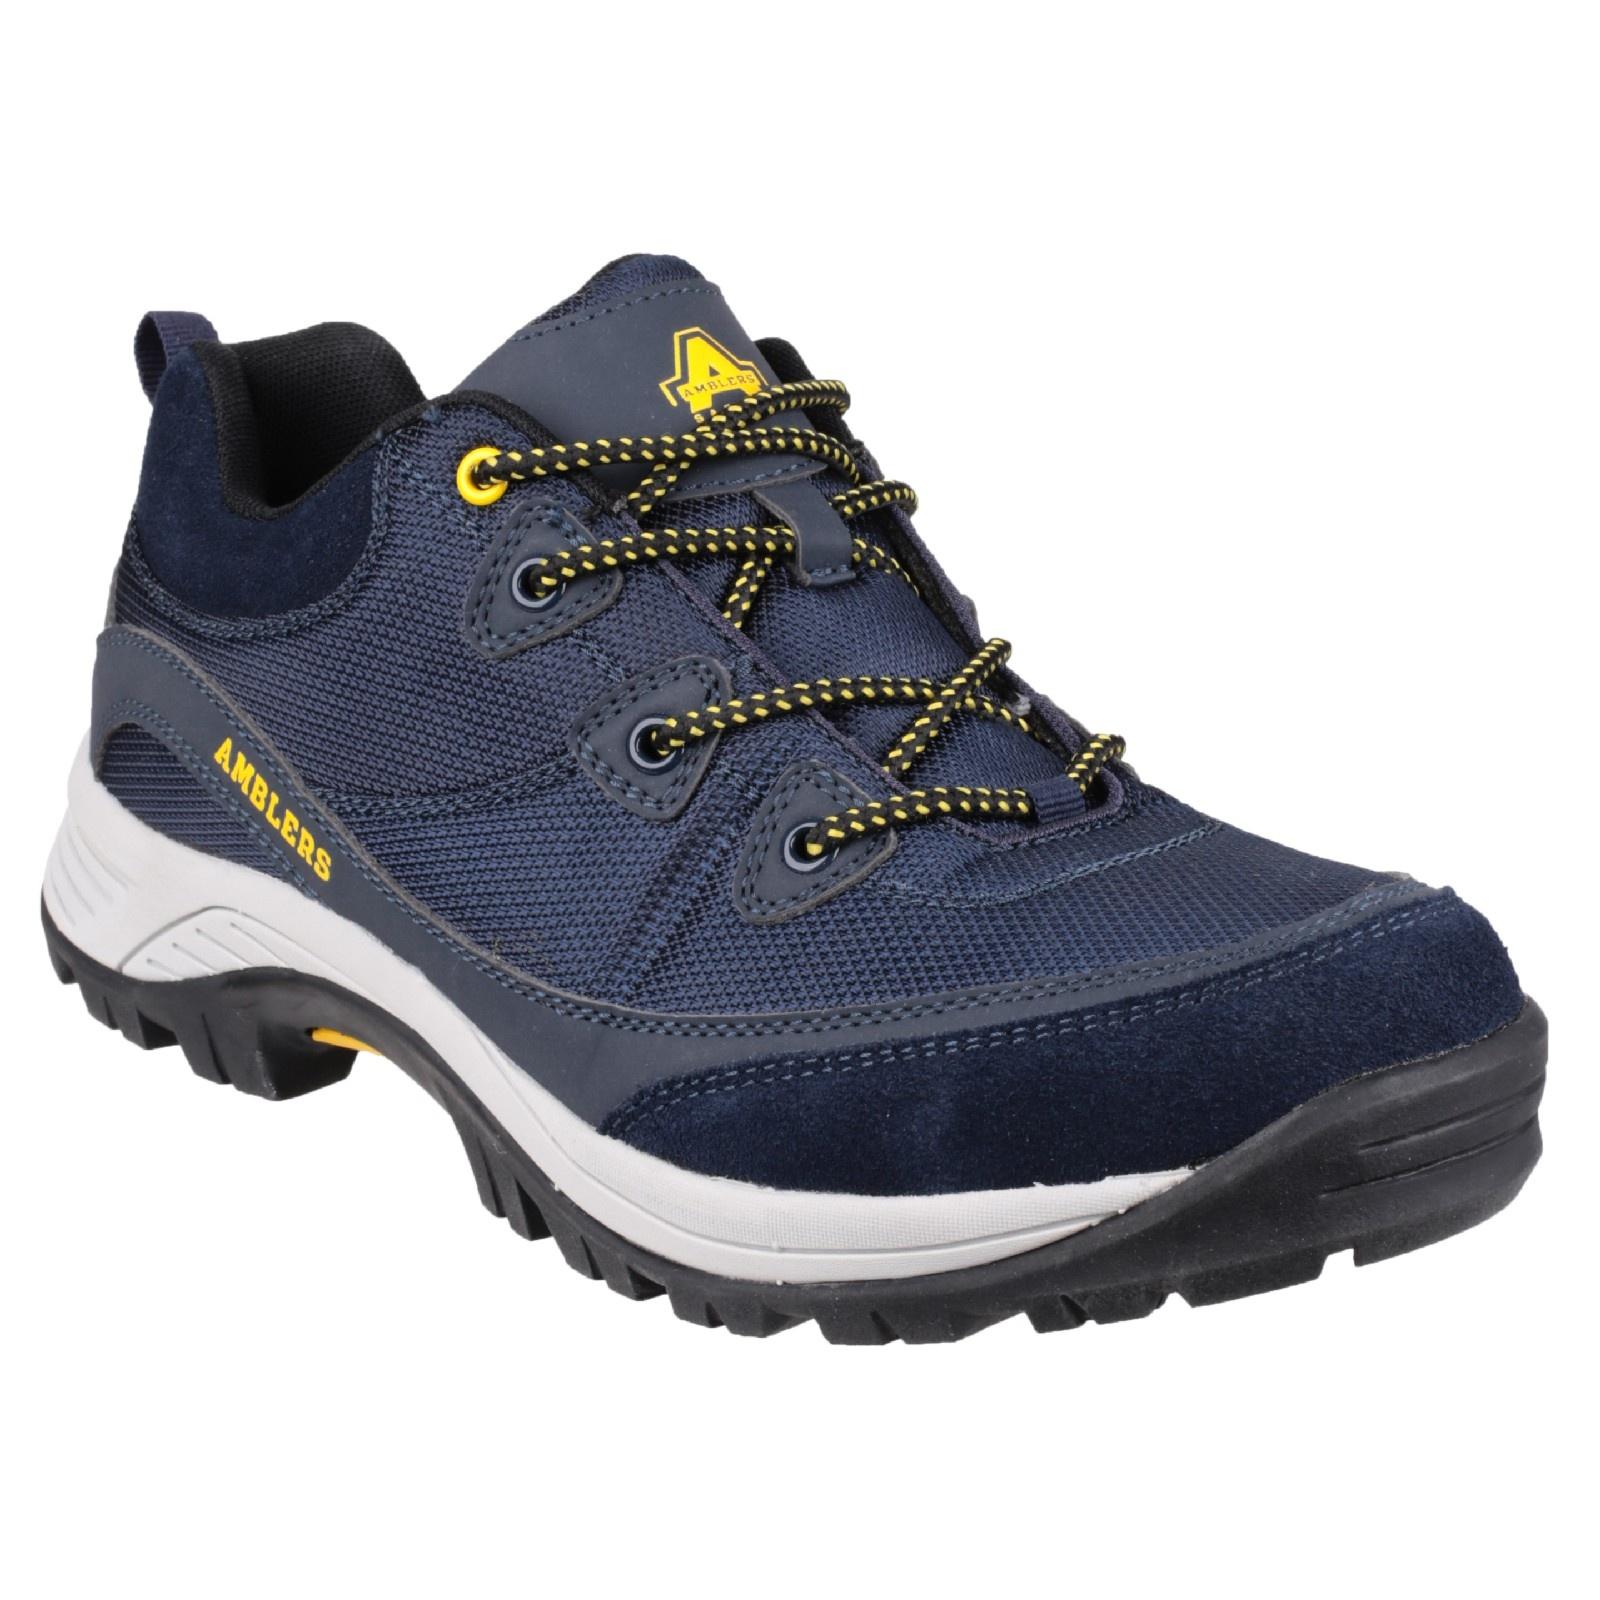 Amblers-Zapatillas-de-trabajo-Seguridad-laboral-modelo-FS701-Skarn-para-hombre